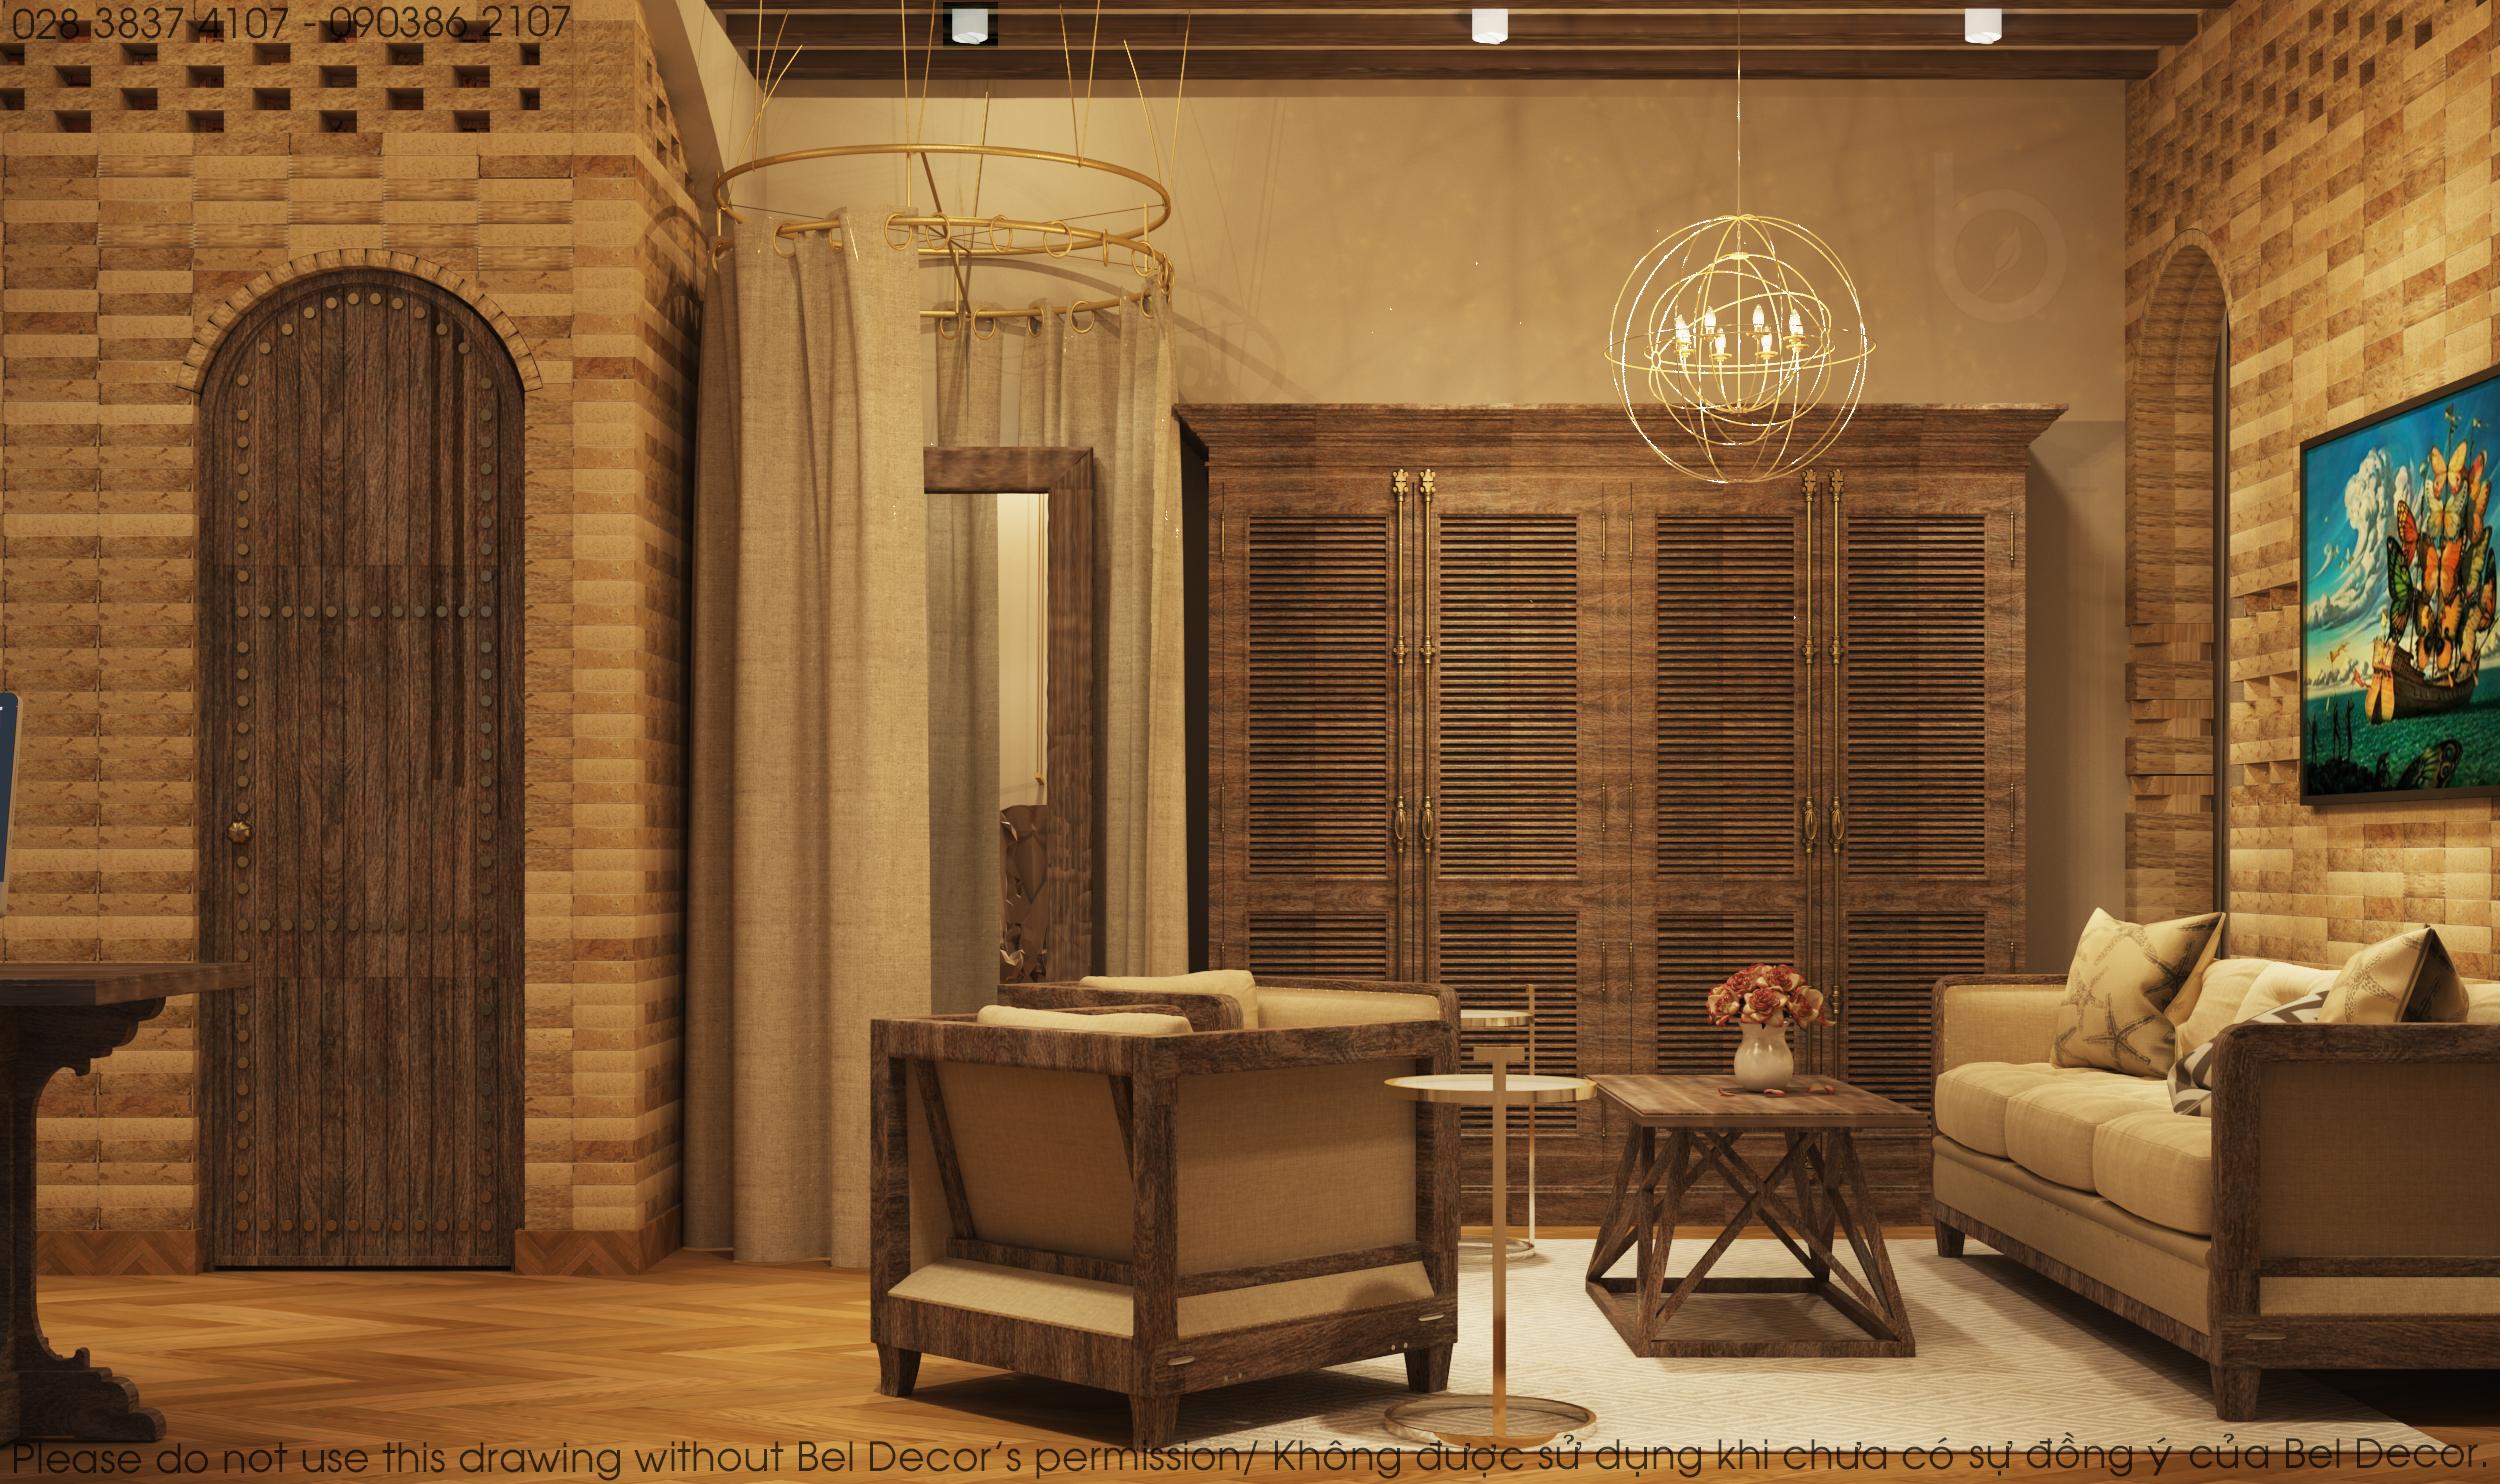 thiết kế nội thất Shop tại Hồ Chí Minh Thiết kế nội - ngoại thất Fashion Shop Antonio 10 1537428736